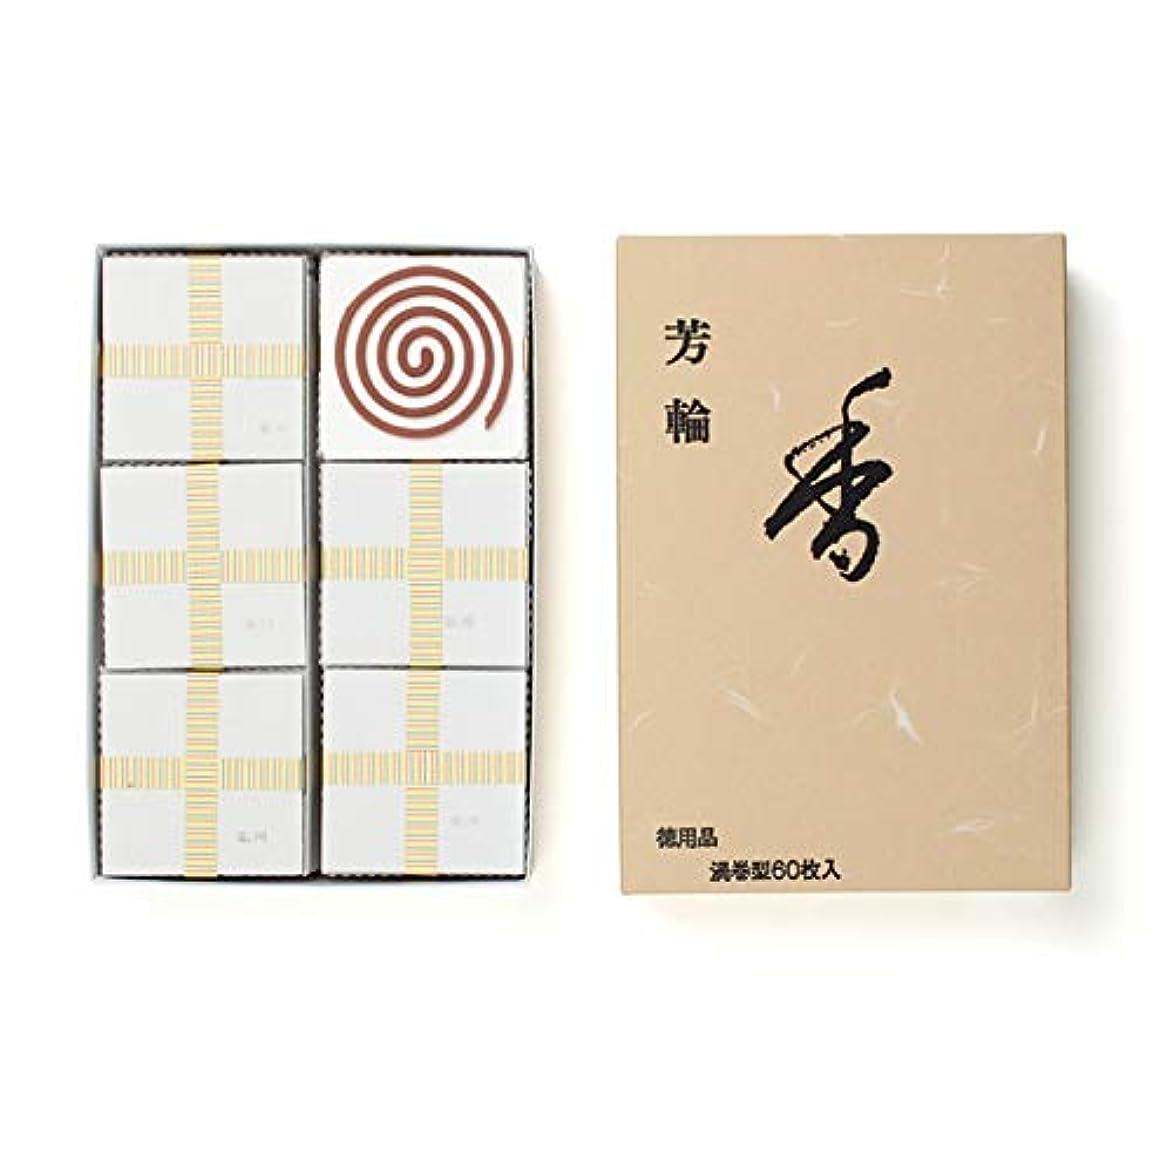 ディスク可動弱まる芳輪 白川 徳用品(60枚入)